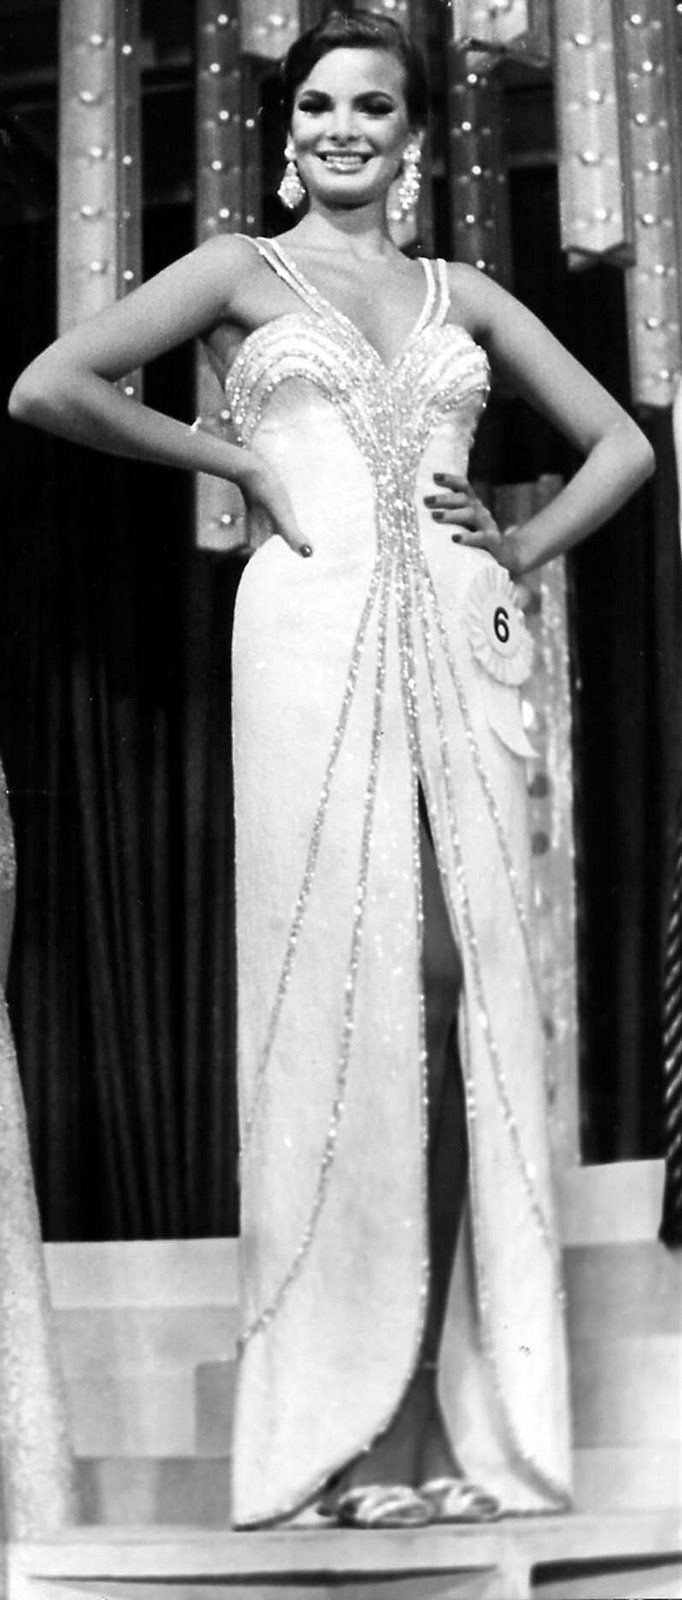 Que mujeron era Maritza Sayalero en sus tiempos de MISS! - Foro Reinas de Belleza Internacional - ♔ MYBEAUTYQUEENS Reinas de Belleza Internacional